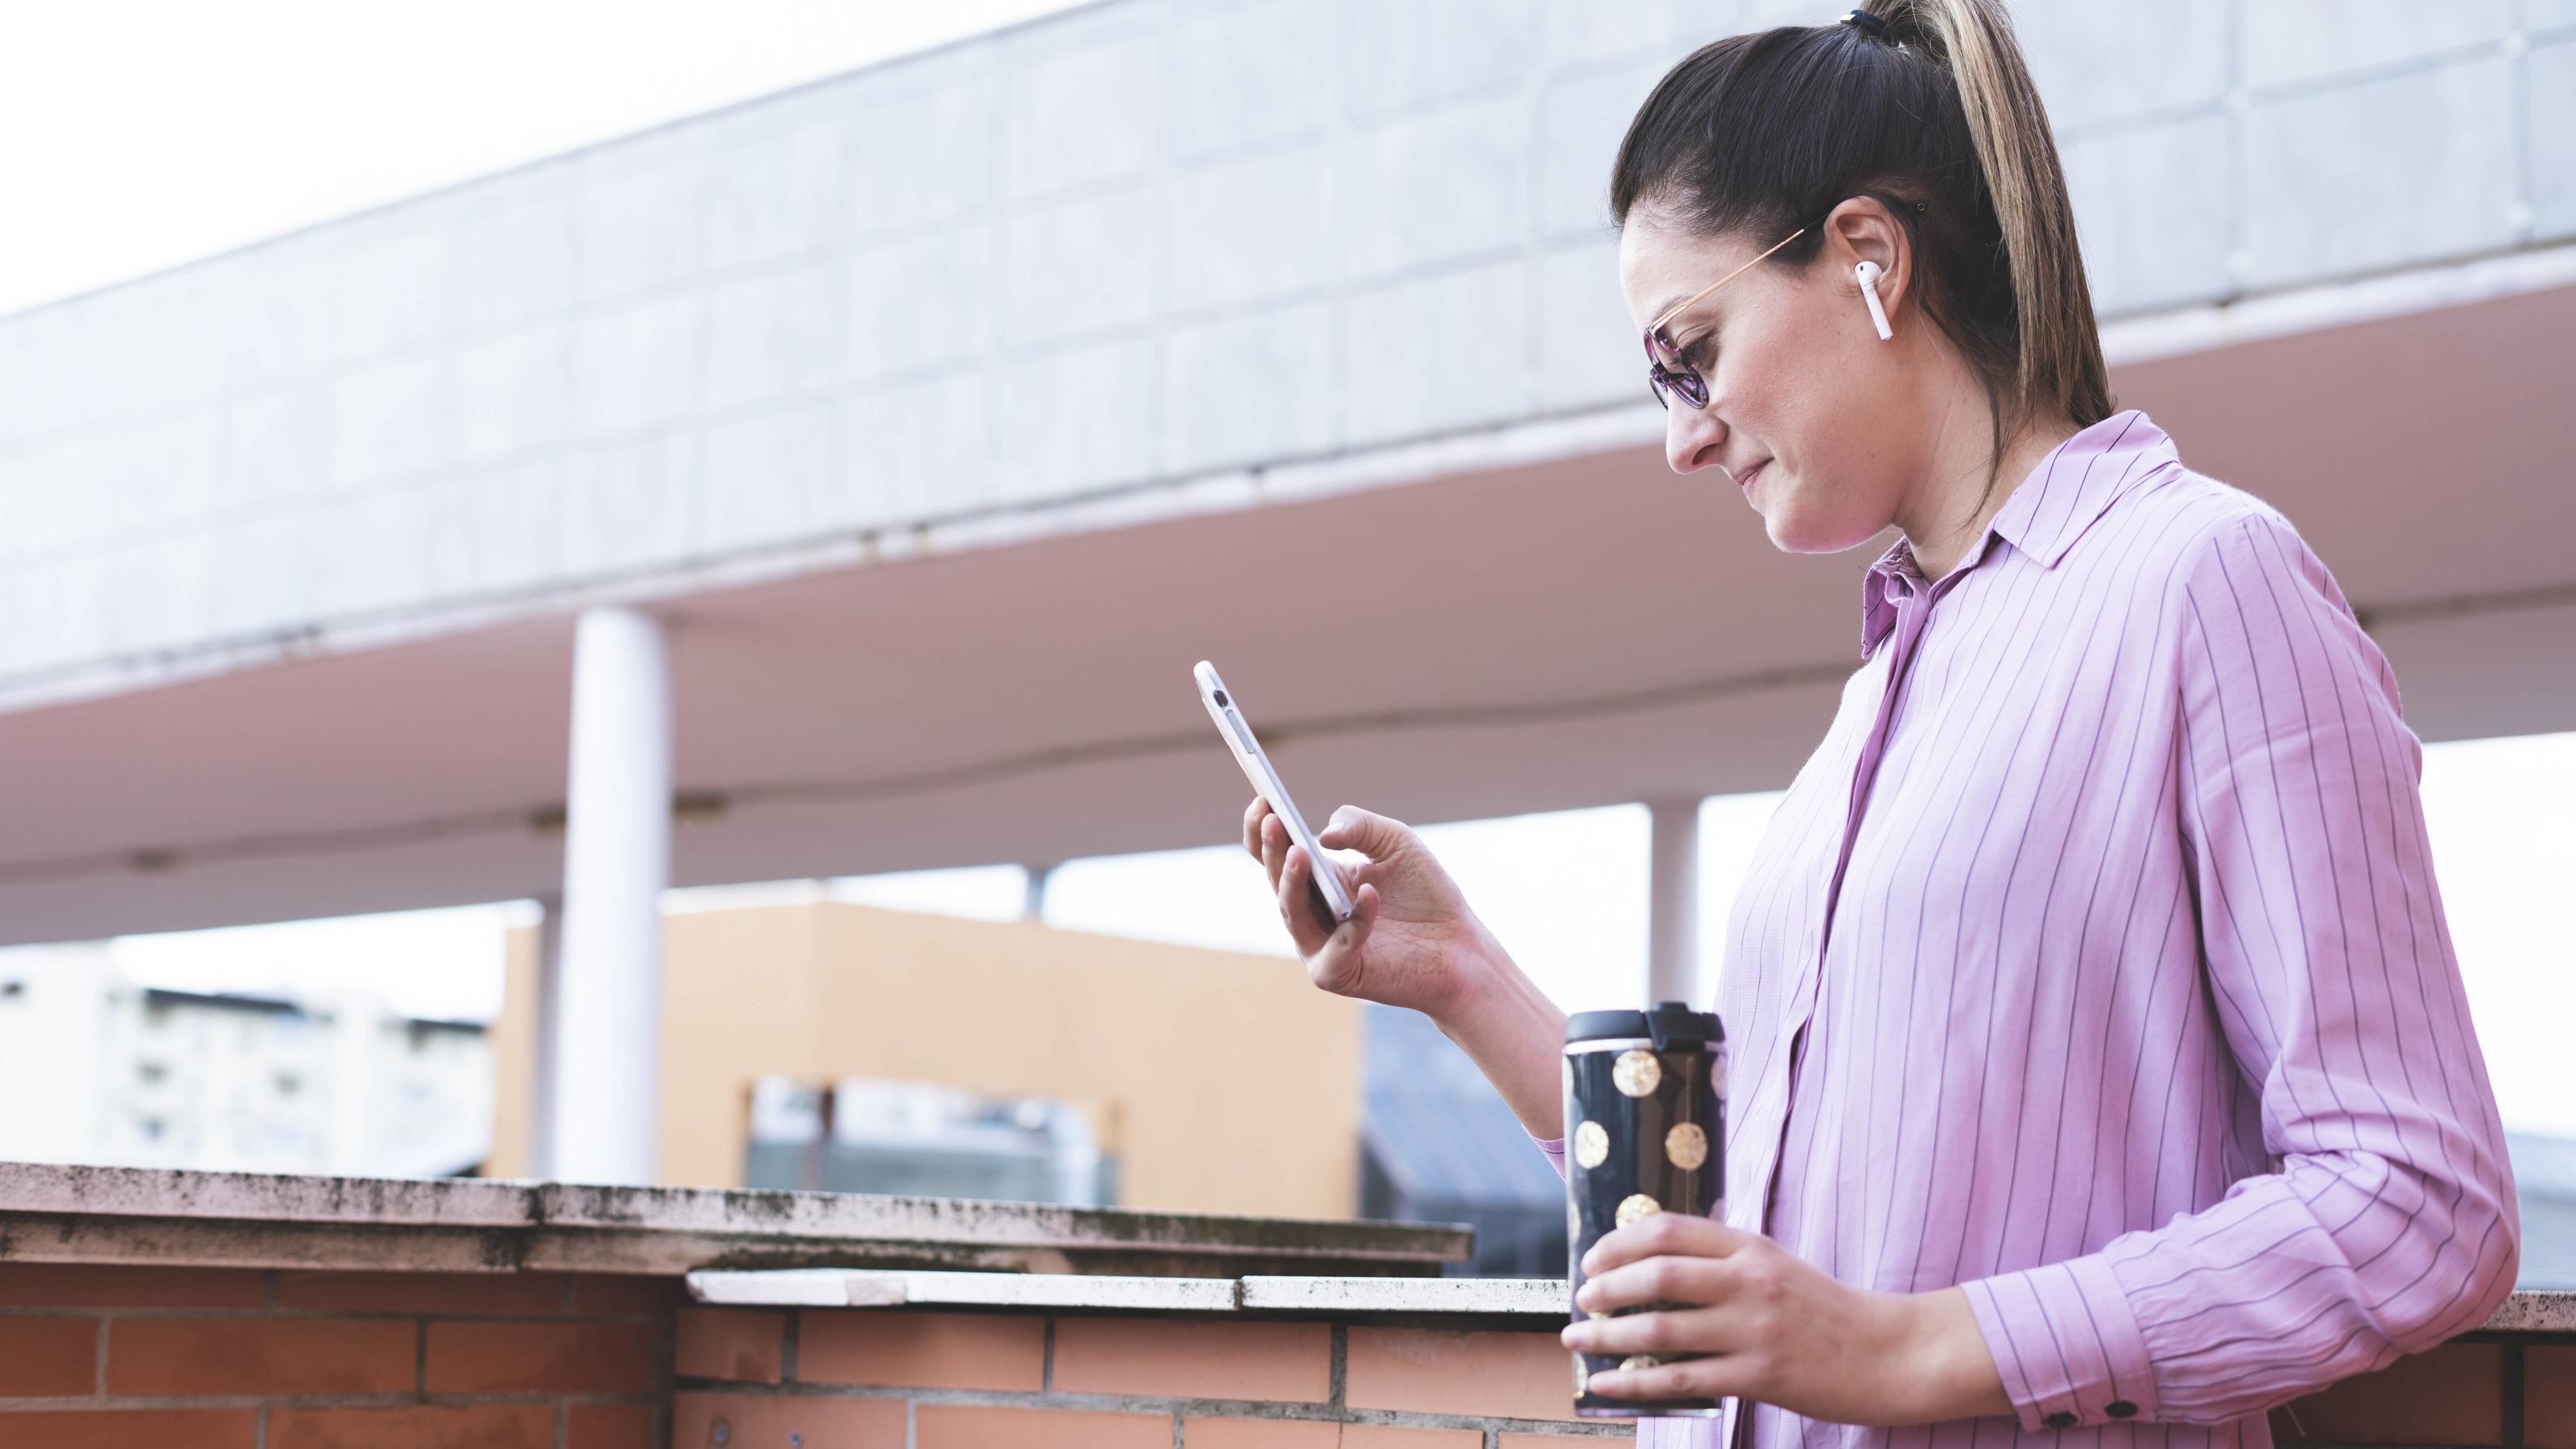 Schneller durch jede Telefon-Hotline: Mit diesen Tricks umgehen Sie Warteschleifen!